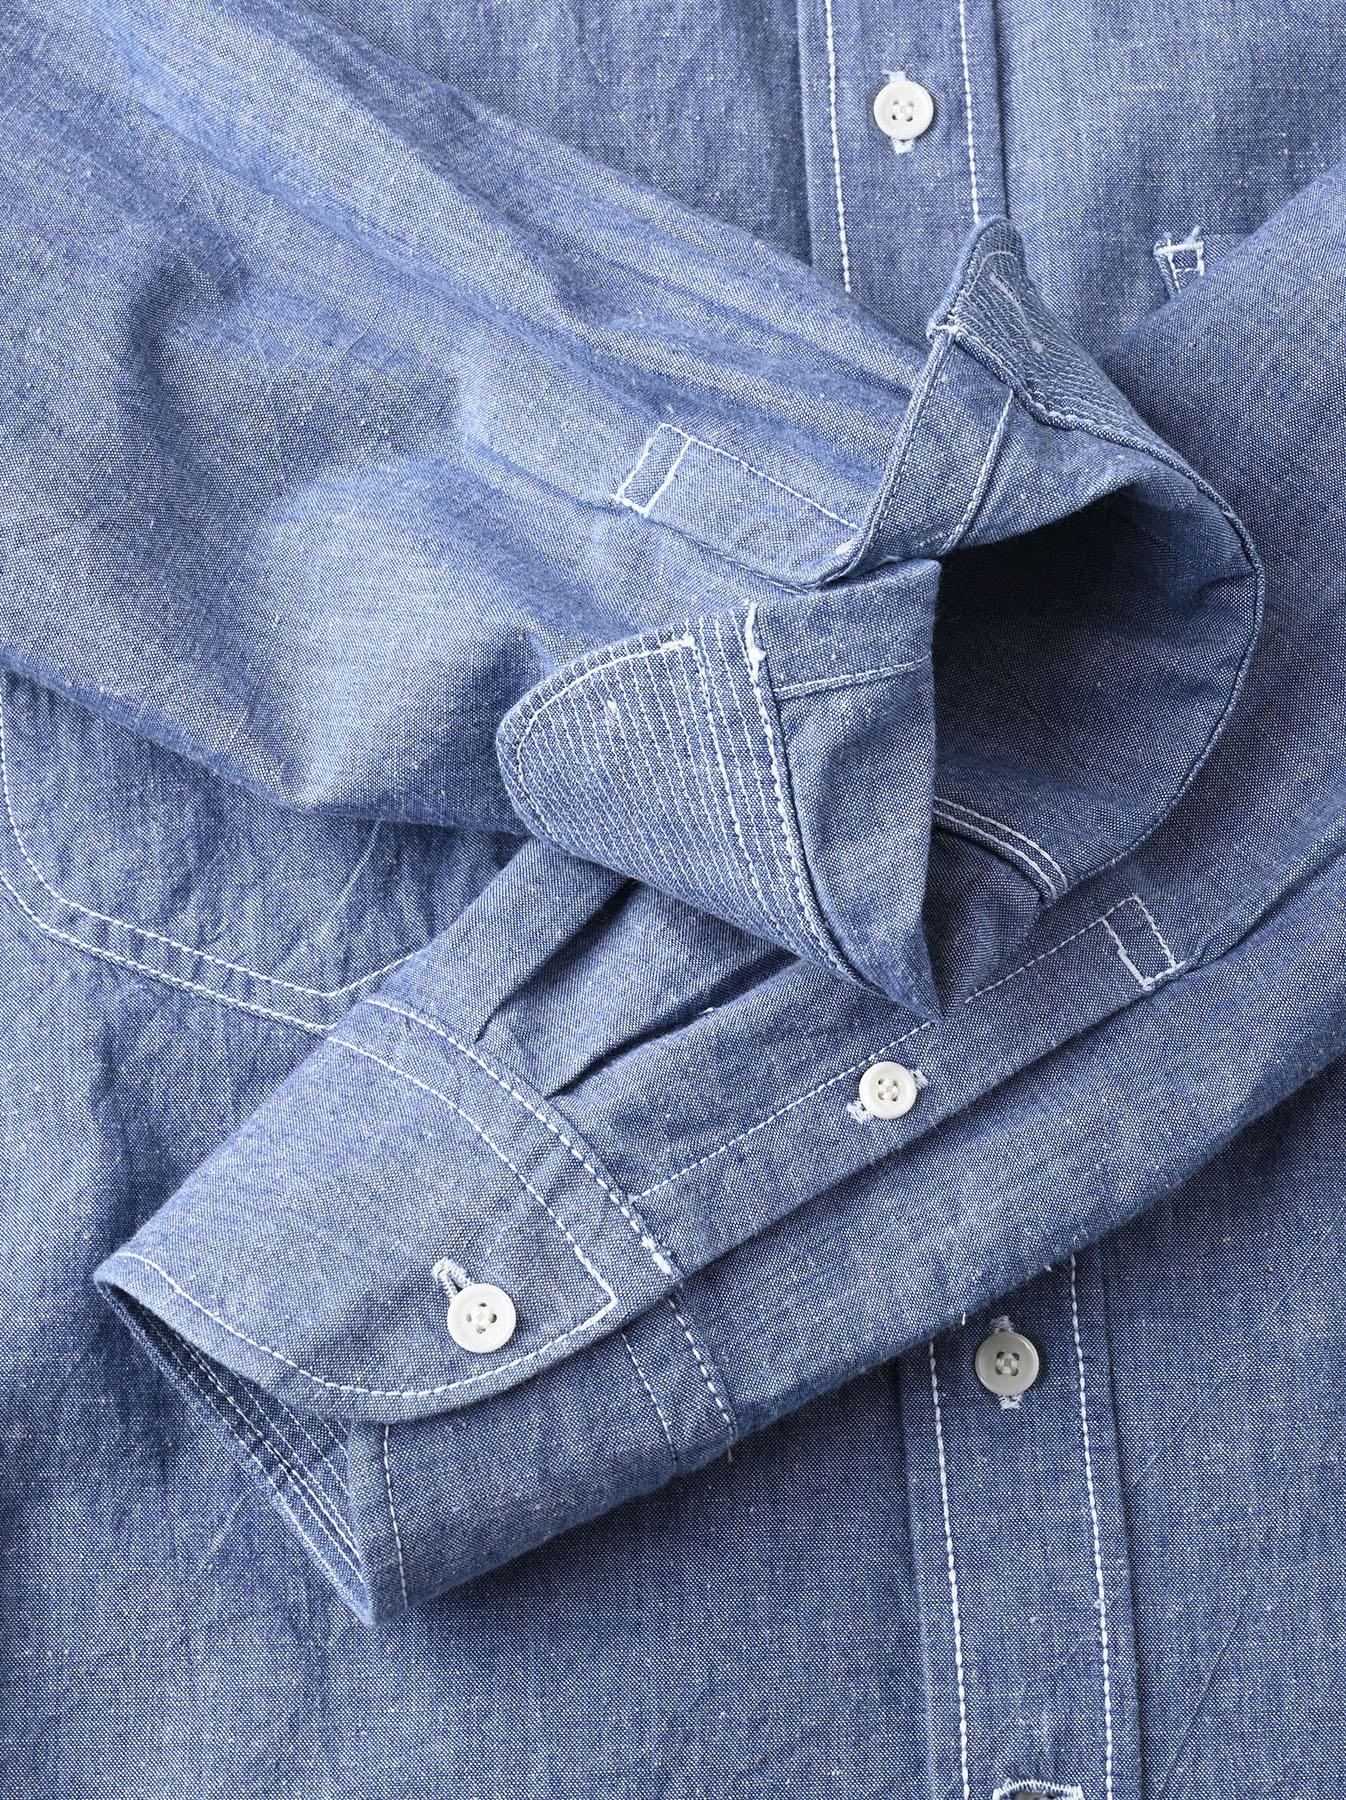 Okome-hira Dungaree 908 Ocean Work Shirt (0621)-12